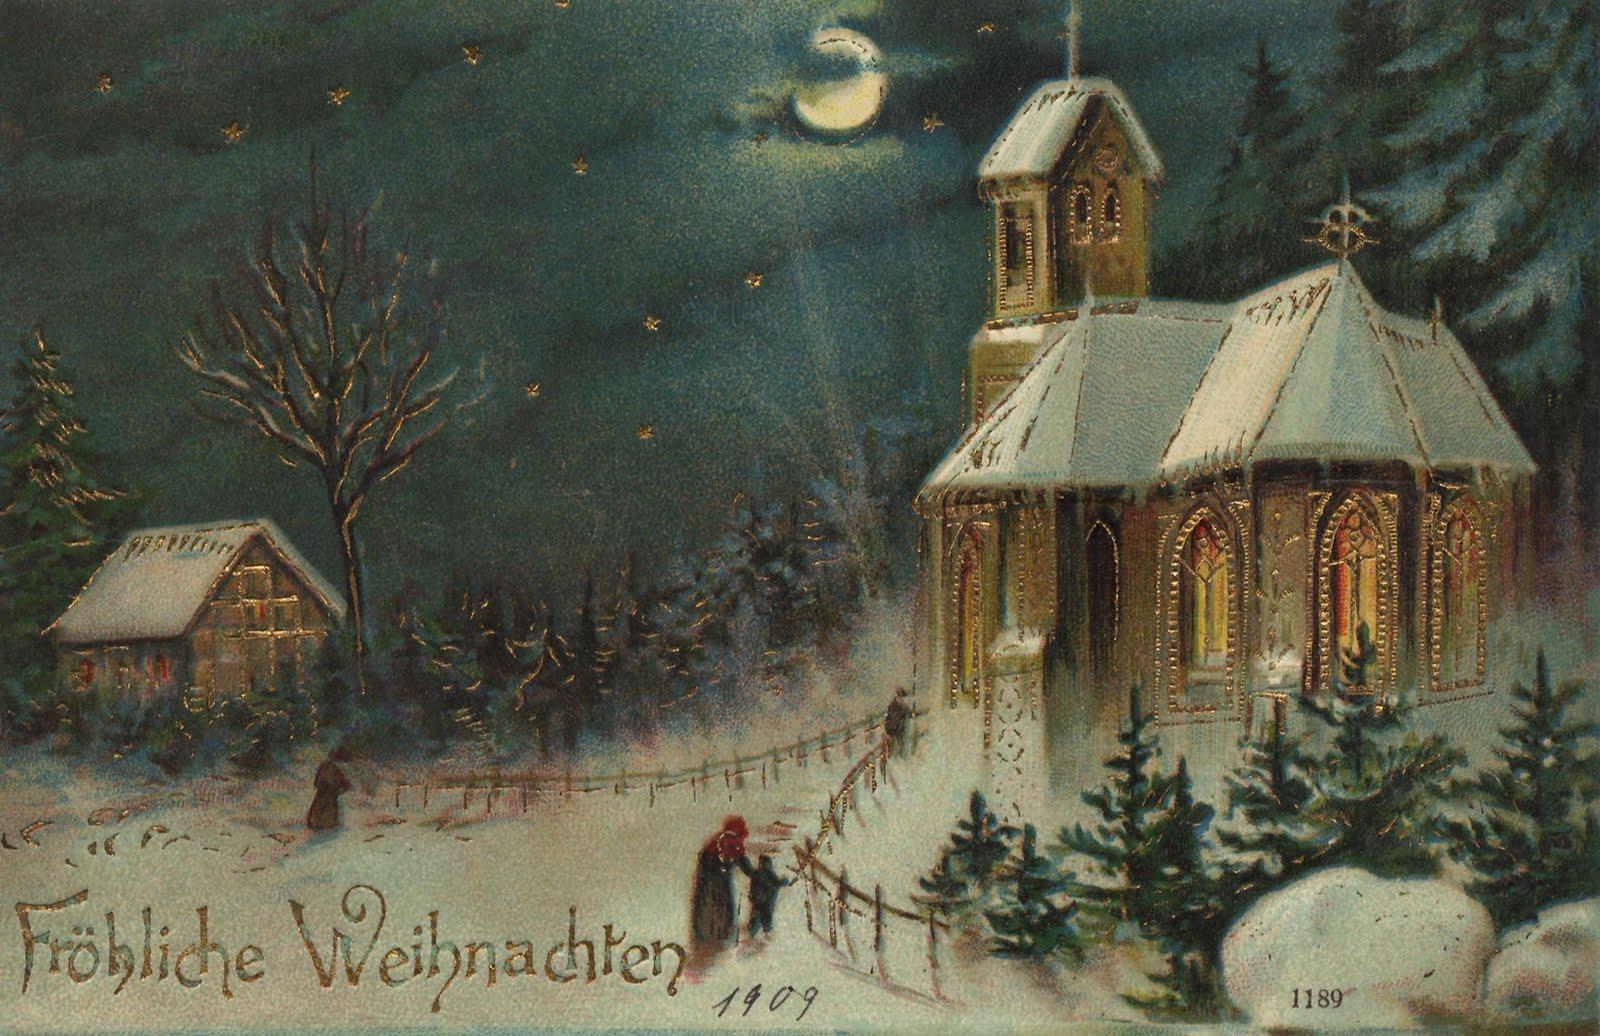 vintage german postcard 1909 christmas pinterest. Black Bedroom Furniture Sets. Home Design Ideas